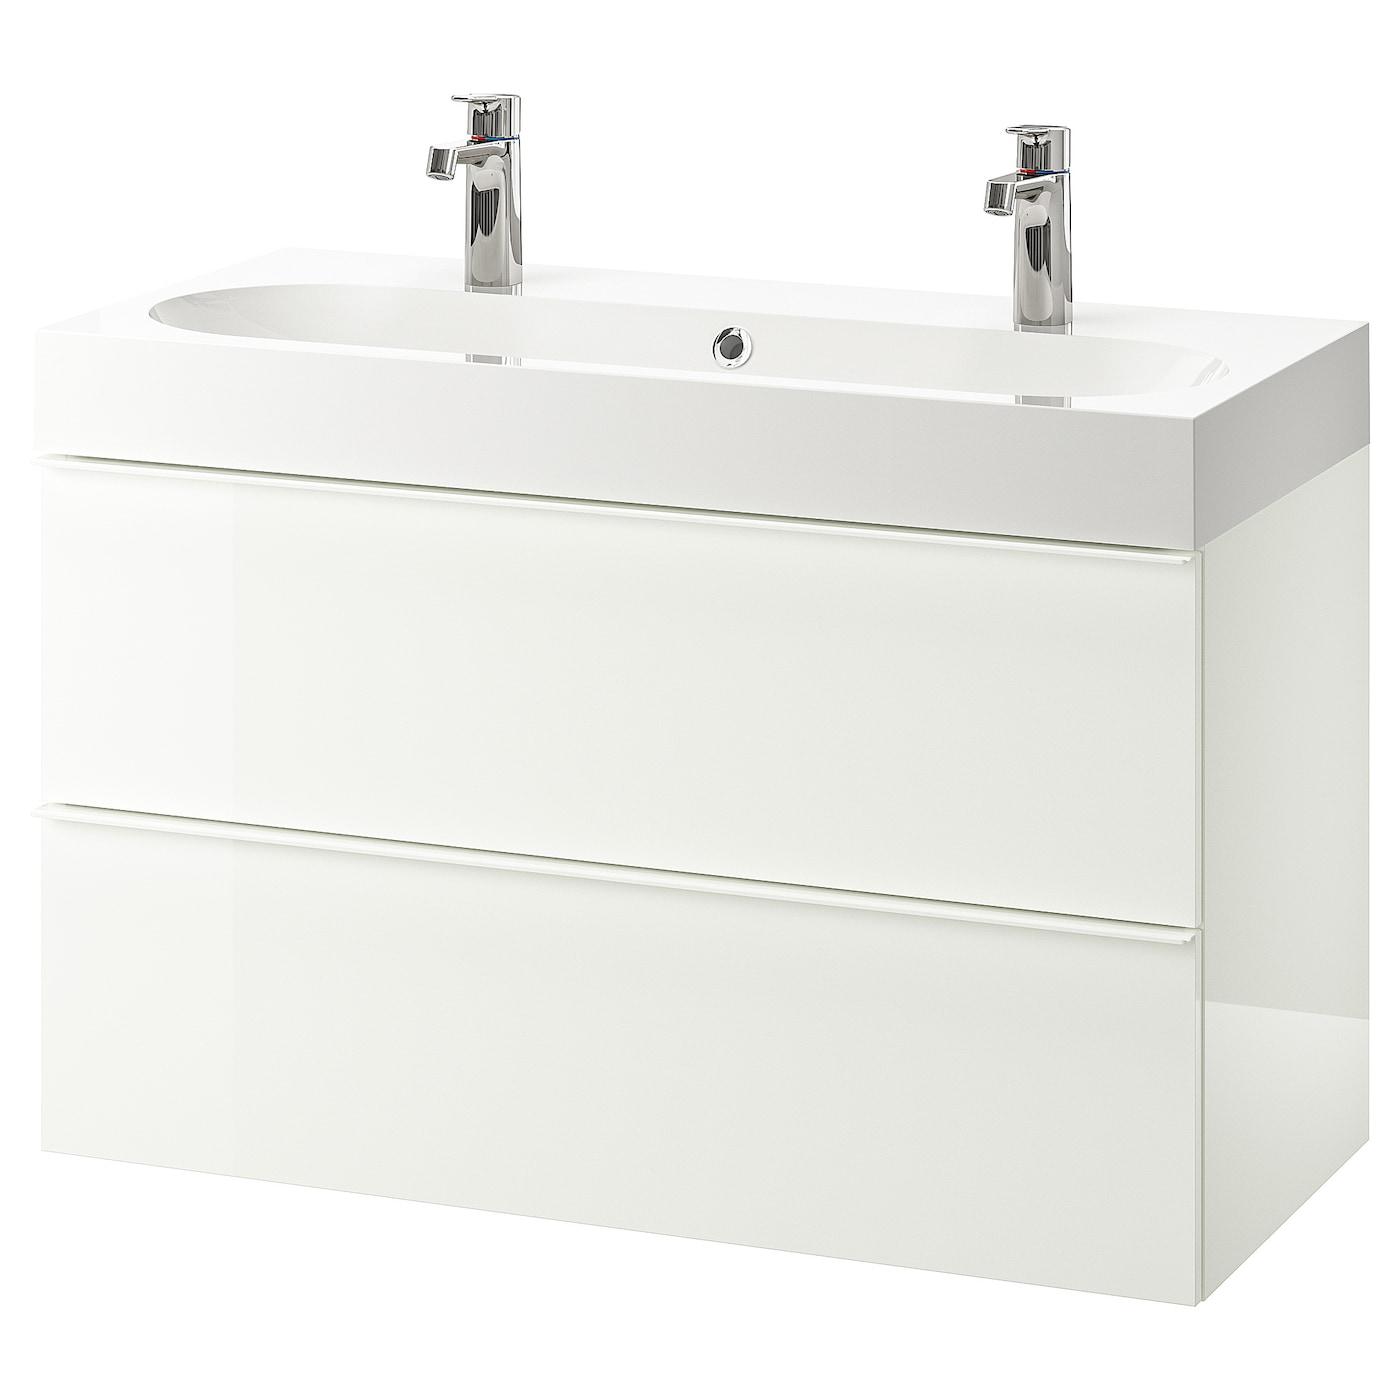 ca 91,9 x 54,9 x 18,1 cm Wei/ß IKEA Skubb Unterbettkommode mit Rei/ßverschluss